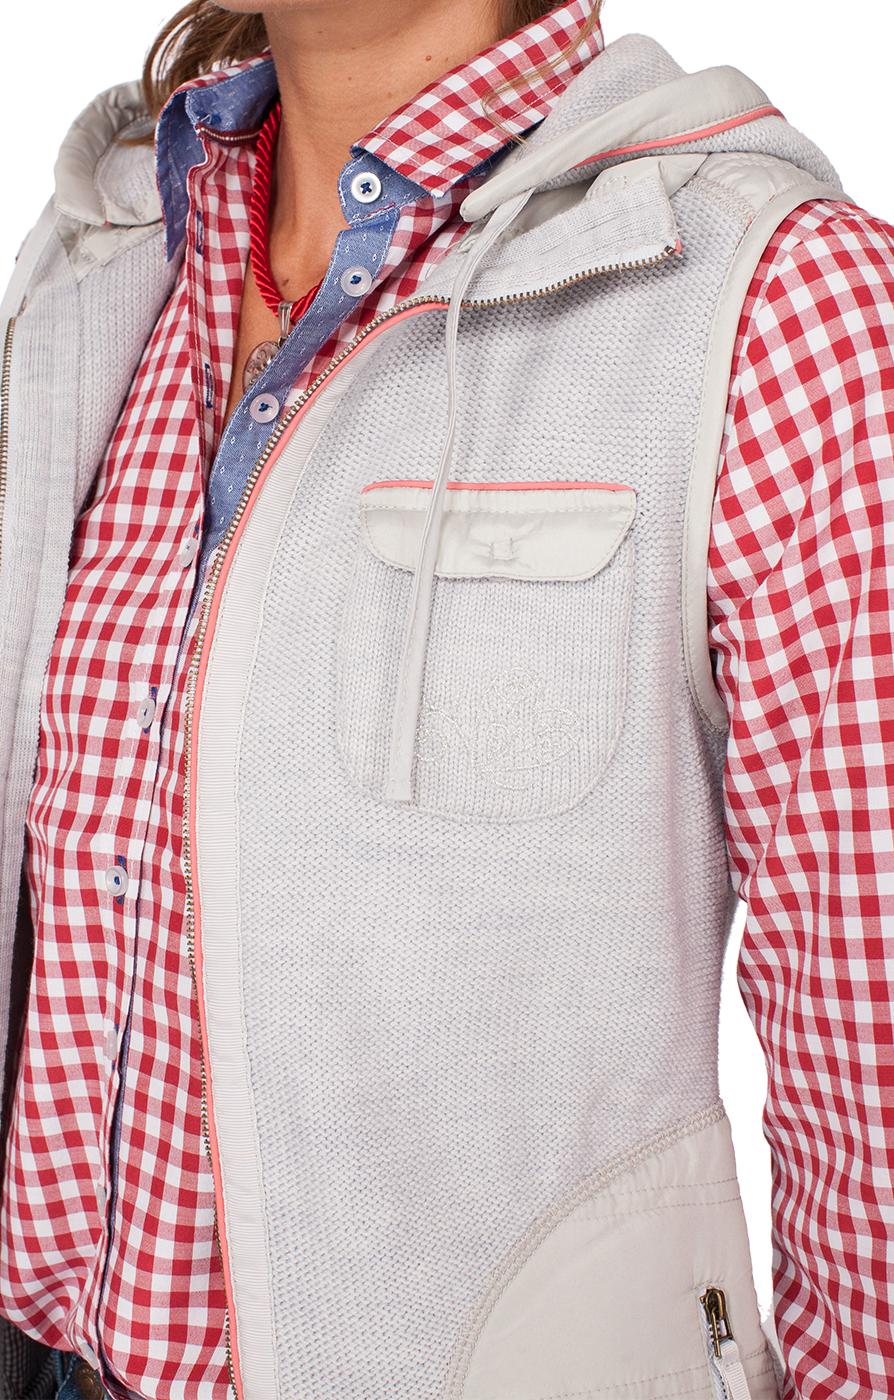 weitere Bilder von Gilet tradizionale in maglia FLINTBECK grigio-corallo